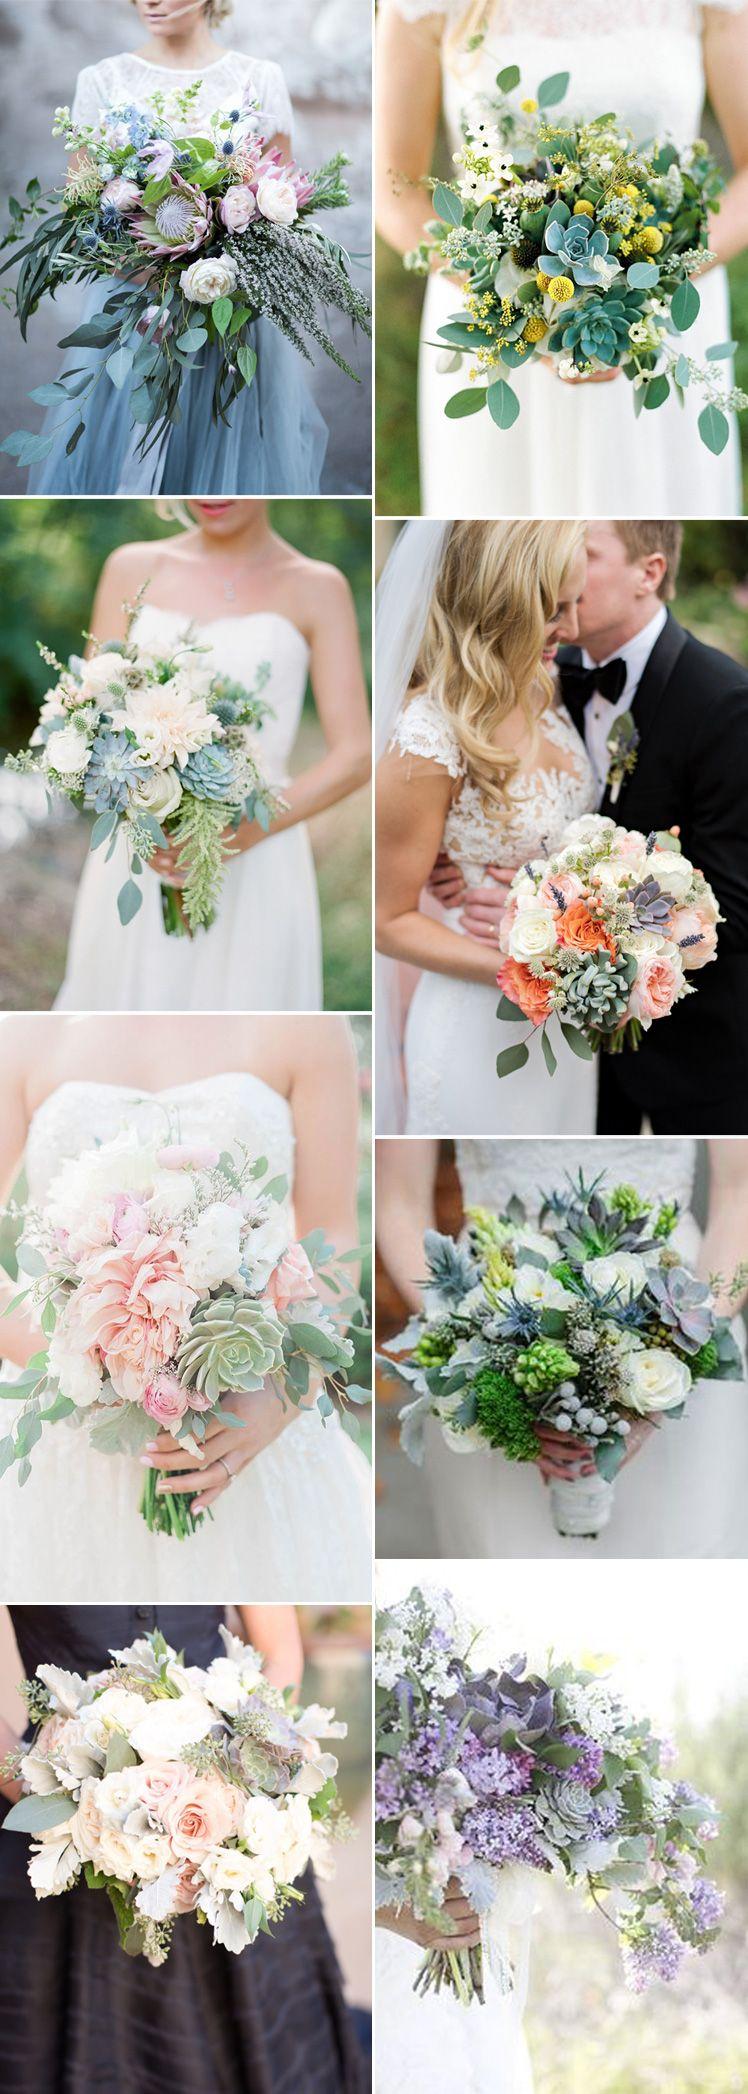 Fabulous Succulent Wedding Bouquet Ideas Succulent